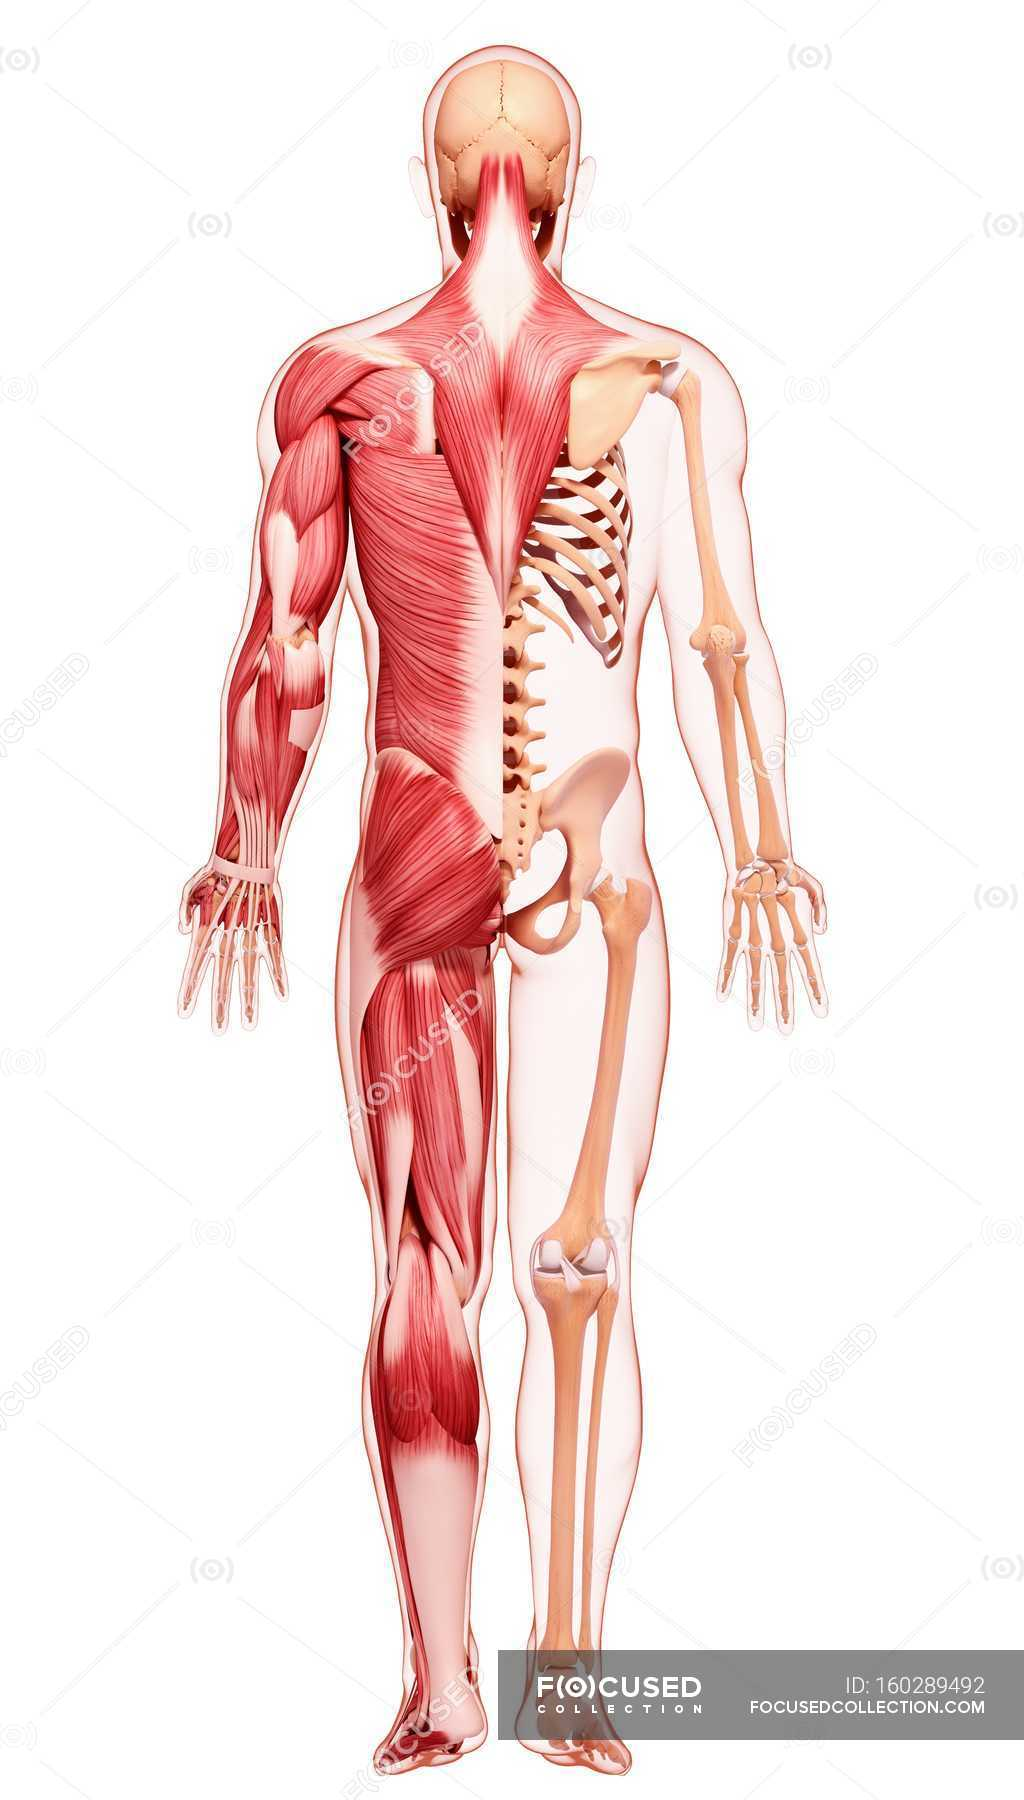 Ausgezeichnet Menschliche Rückenmuskulatur Fotos - Menschliche ...